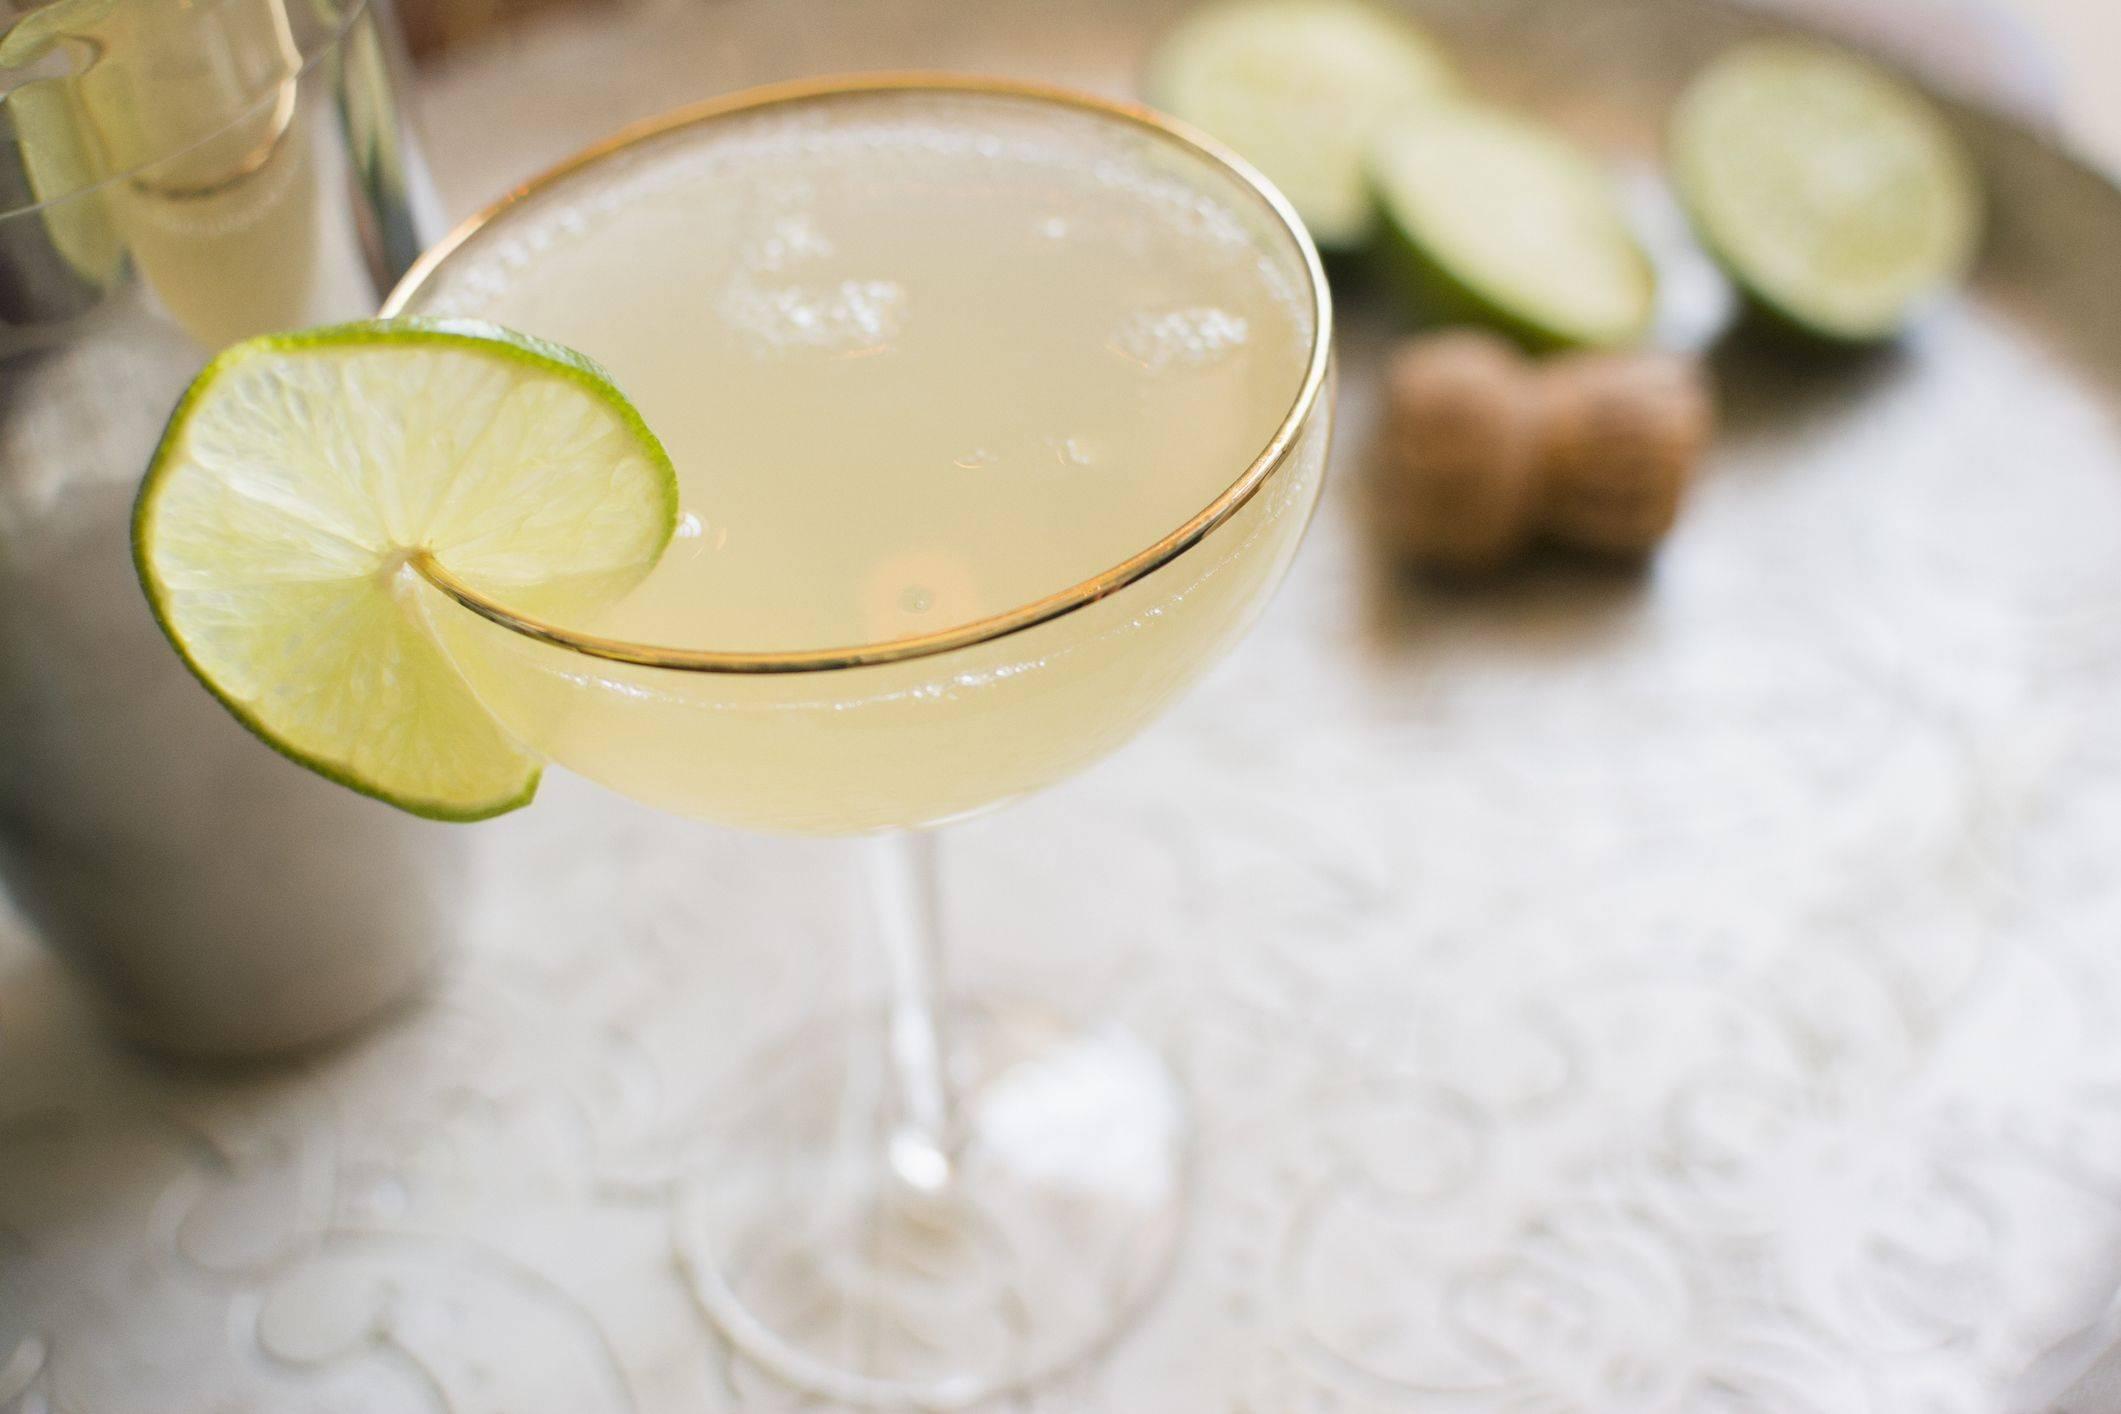 Дайкири: история возникновения, основные рецепты приготовления этого алкогольного напитка, состав дайкири